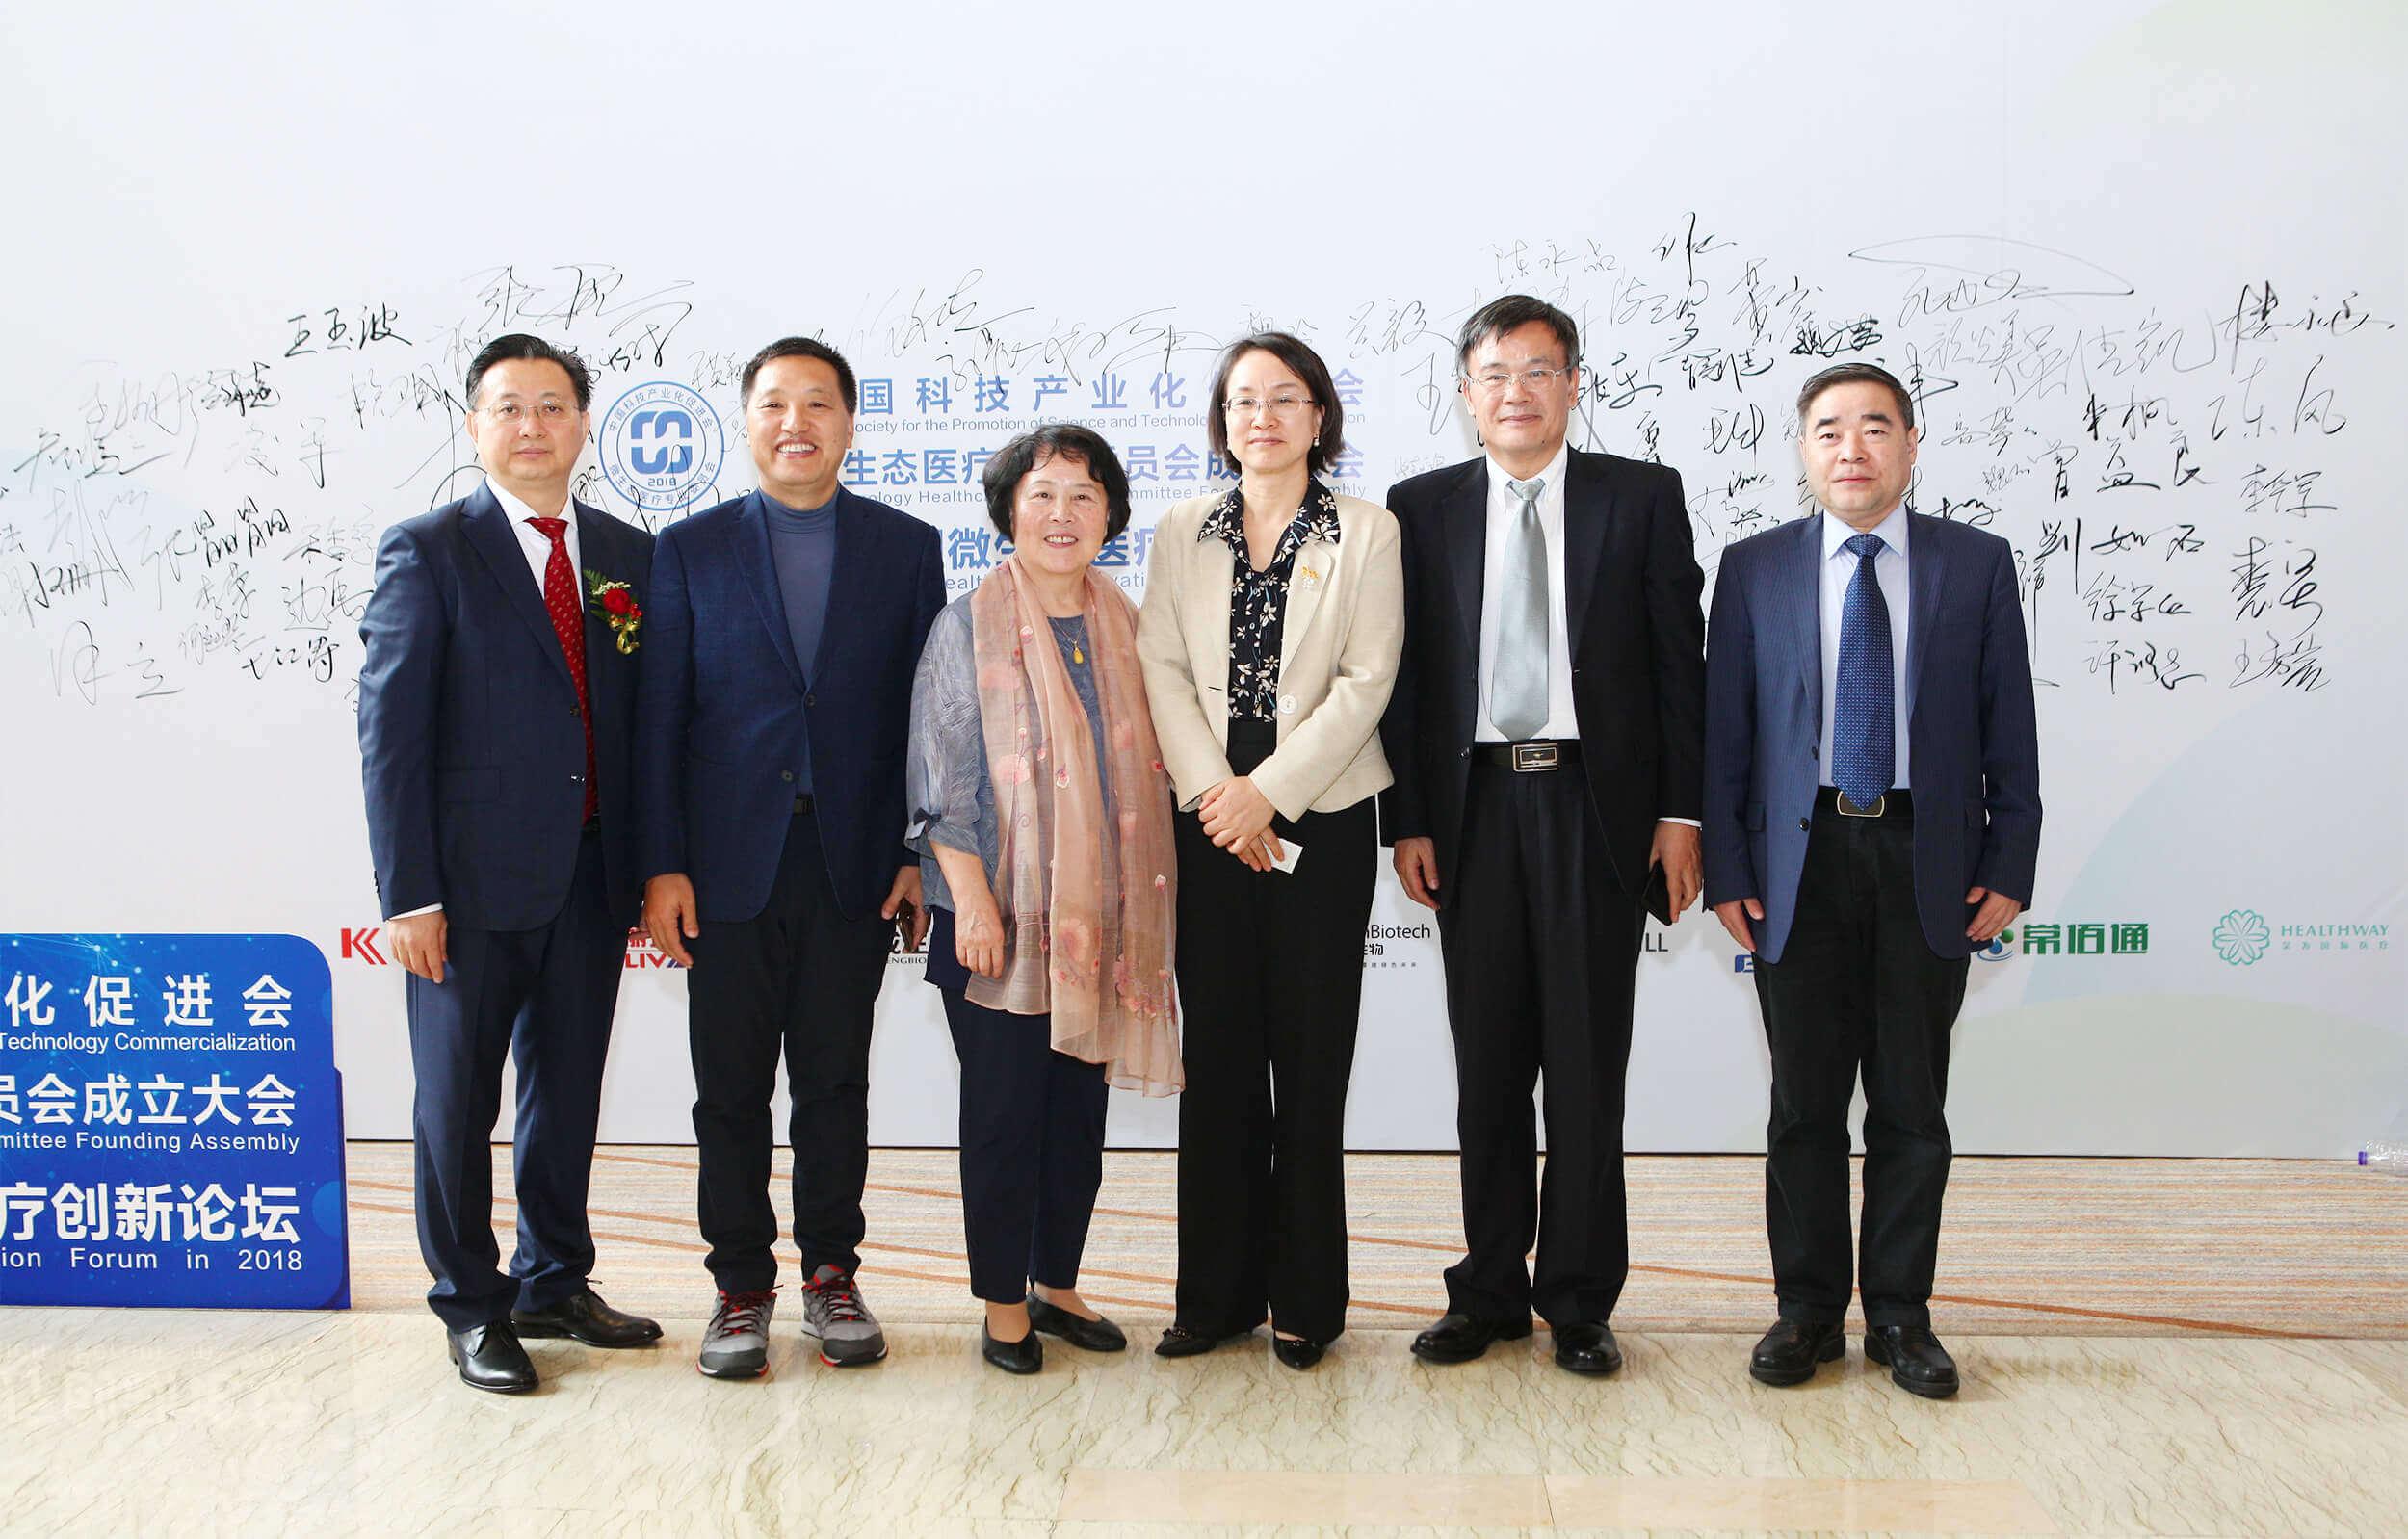 2018年首届中国微生态医疗创新论坛合影